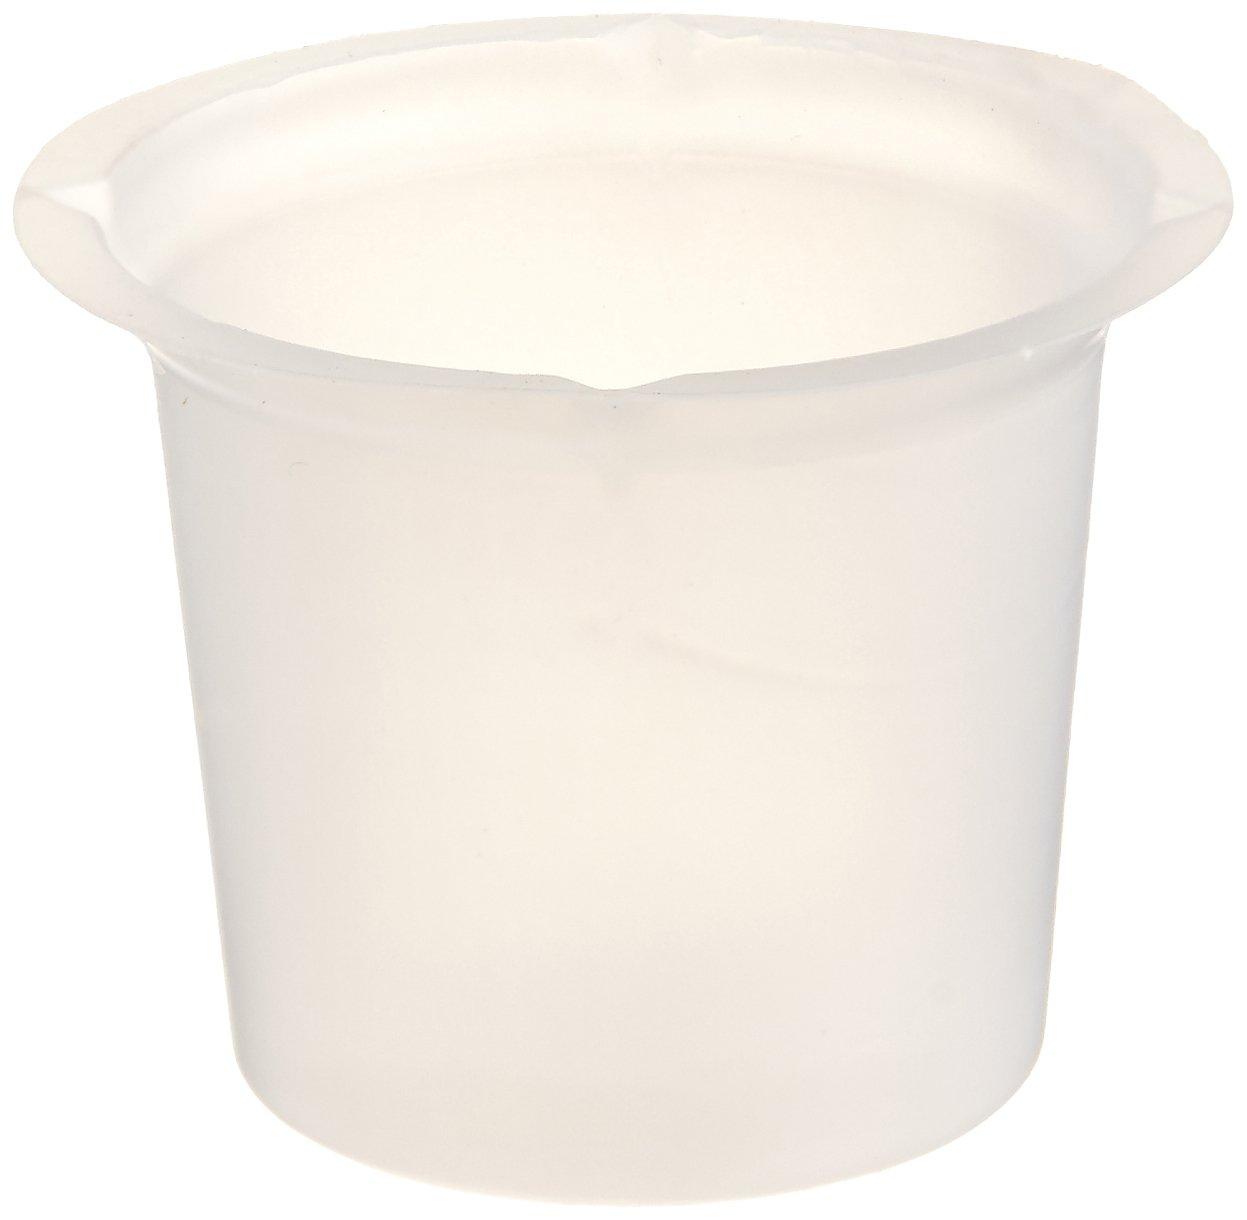 Dyn-A-Med 80090 Polystyrene Disposable Beaker, 20 ml Capacity (Pack of 500)